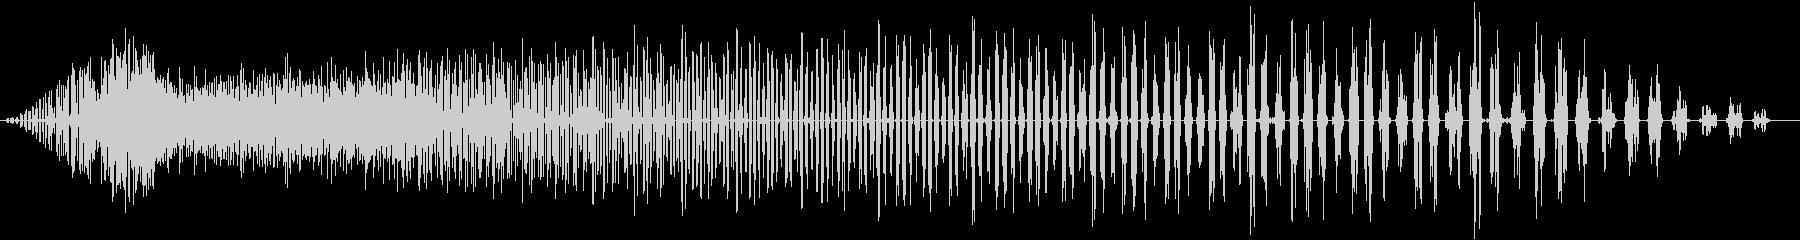 静的スワイプの未再生の波形